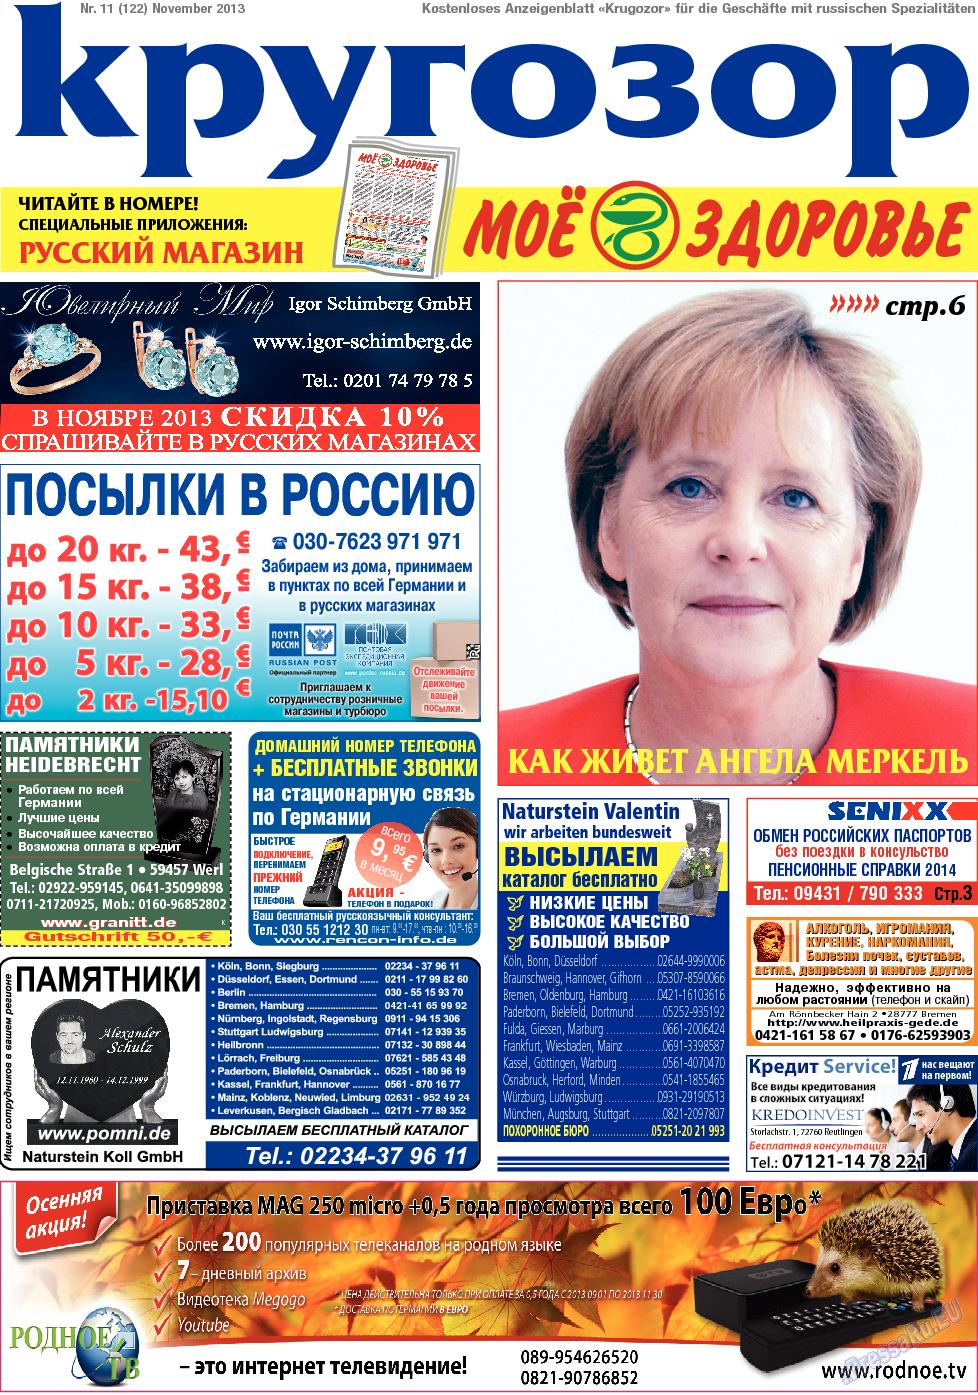 Кругозор (газета). 2013 год, номер 11, стр. 1